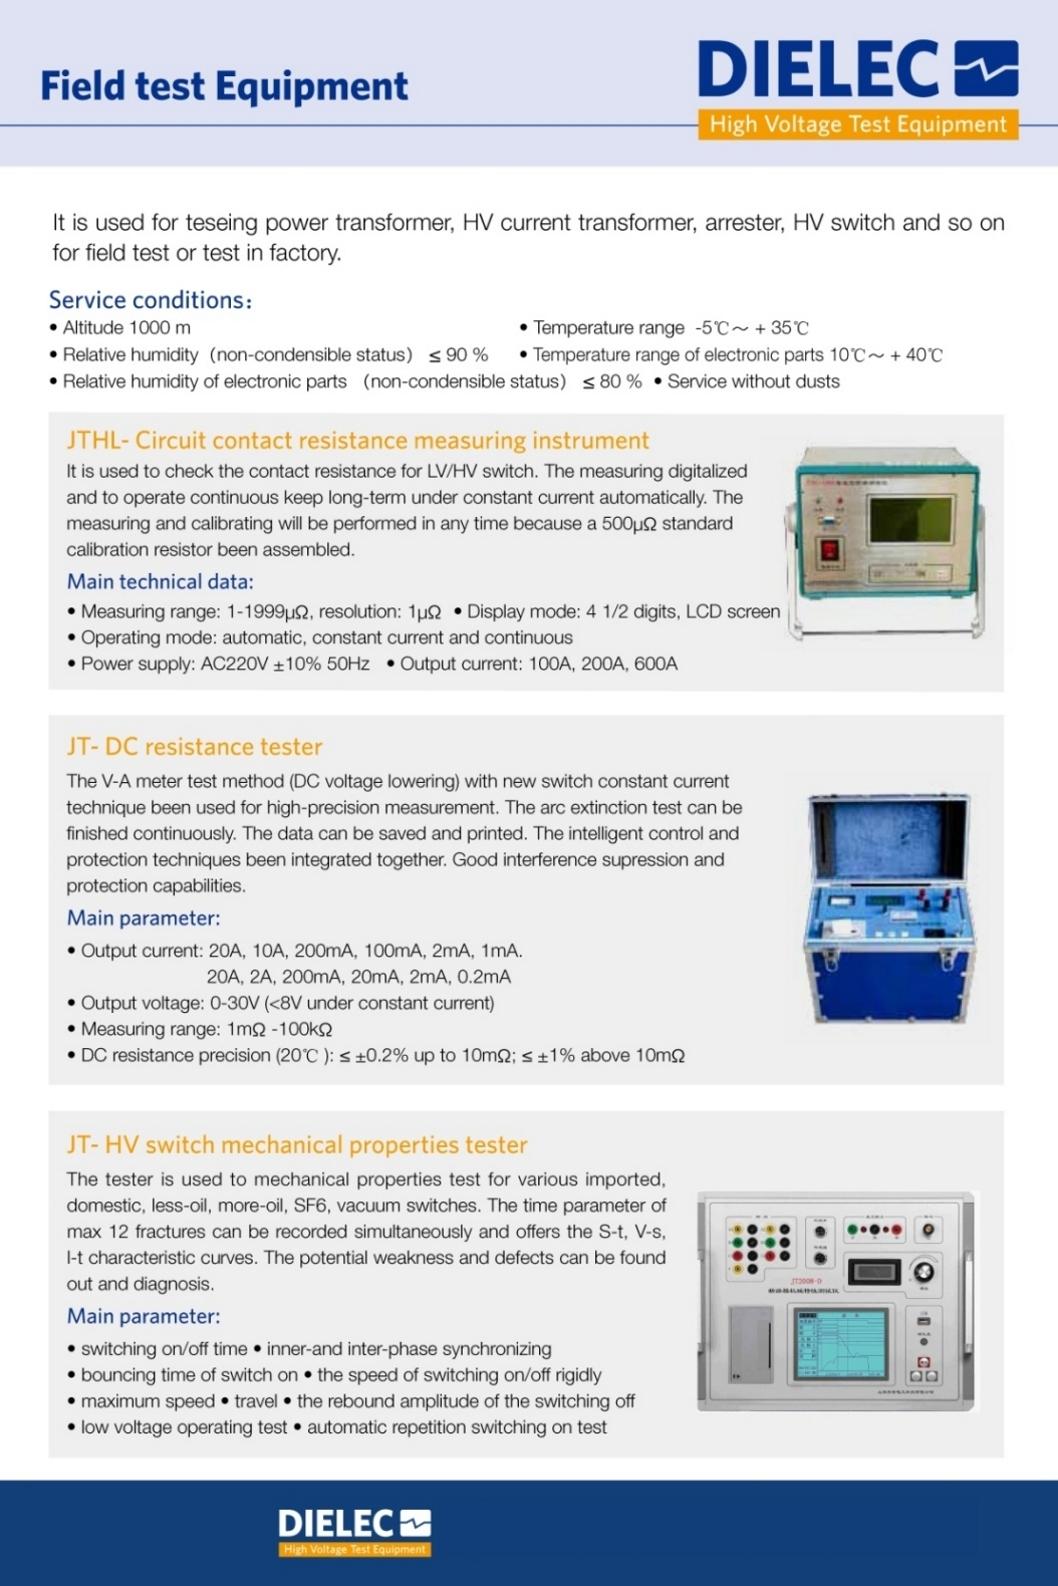 Dielec - Brochure - FTM 01